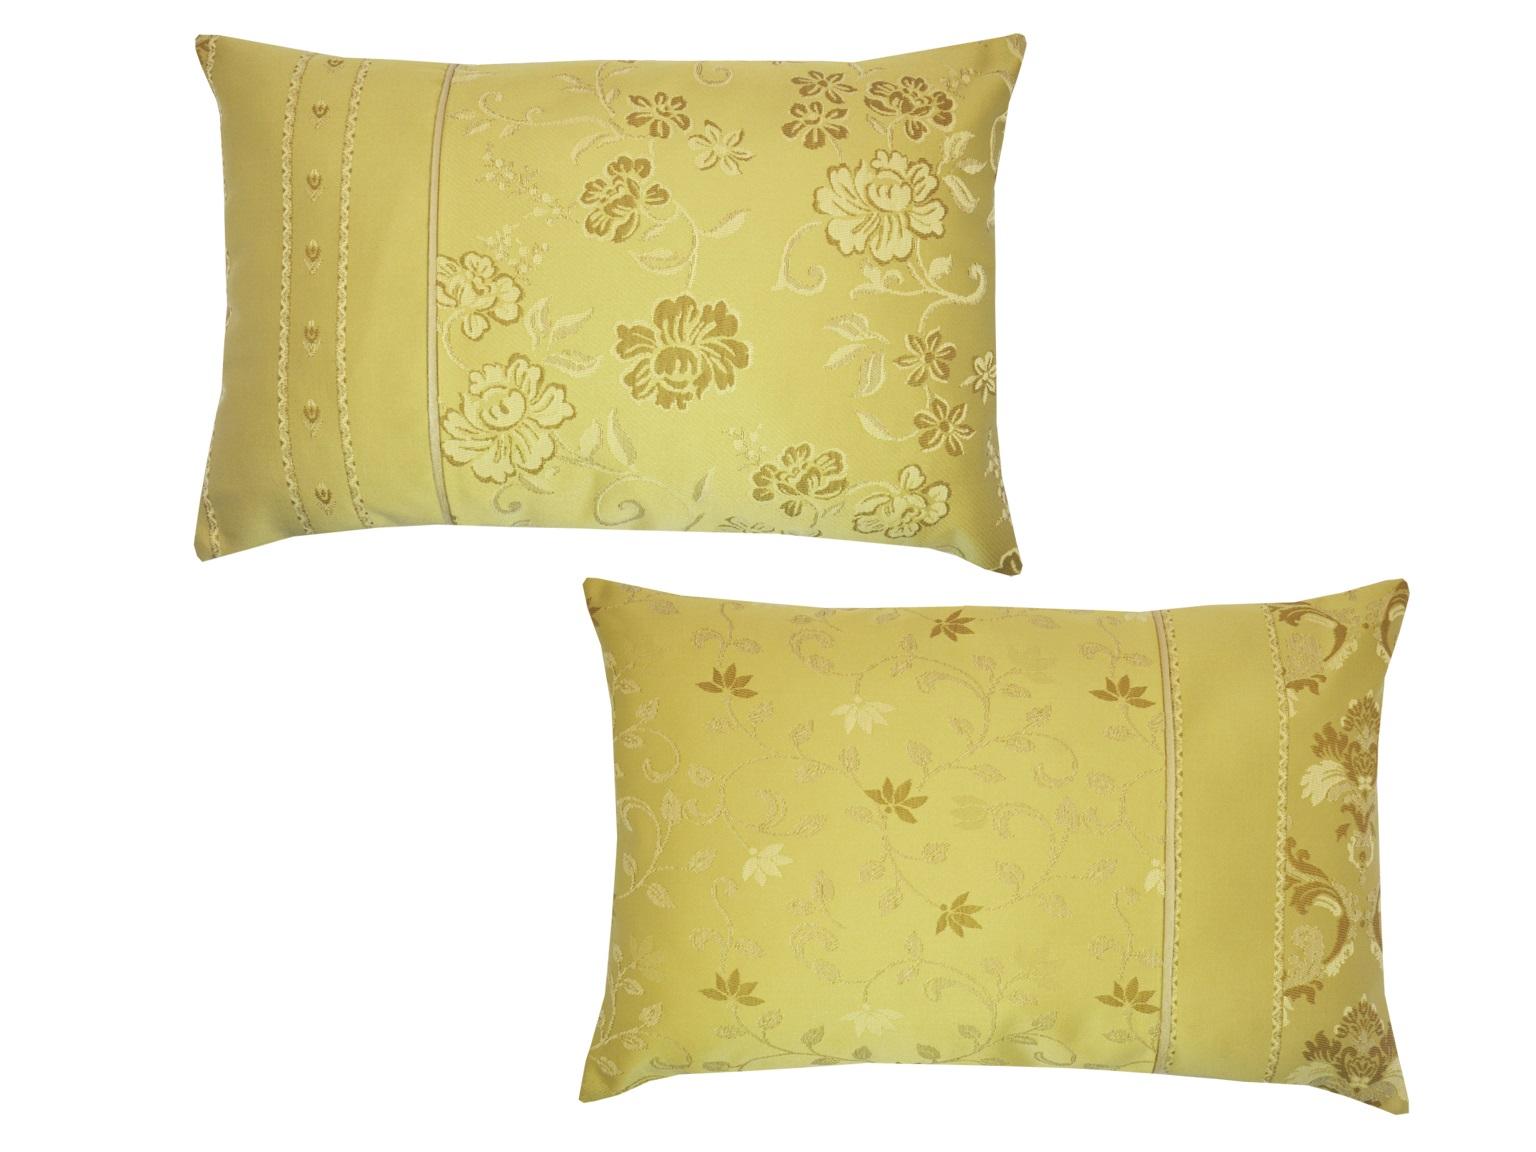 Комплект подушек Beatrice Yellow (2шт)Прямоугольные подушки и наволочки<br>Комплект декоративных  подушек. Чехол съемный.<br><br>Material: Вискоза<br>Ширина см: 55<br>Высота см: 35<br>Глубина см: 15